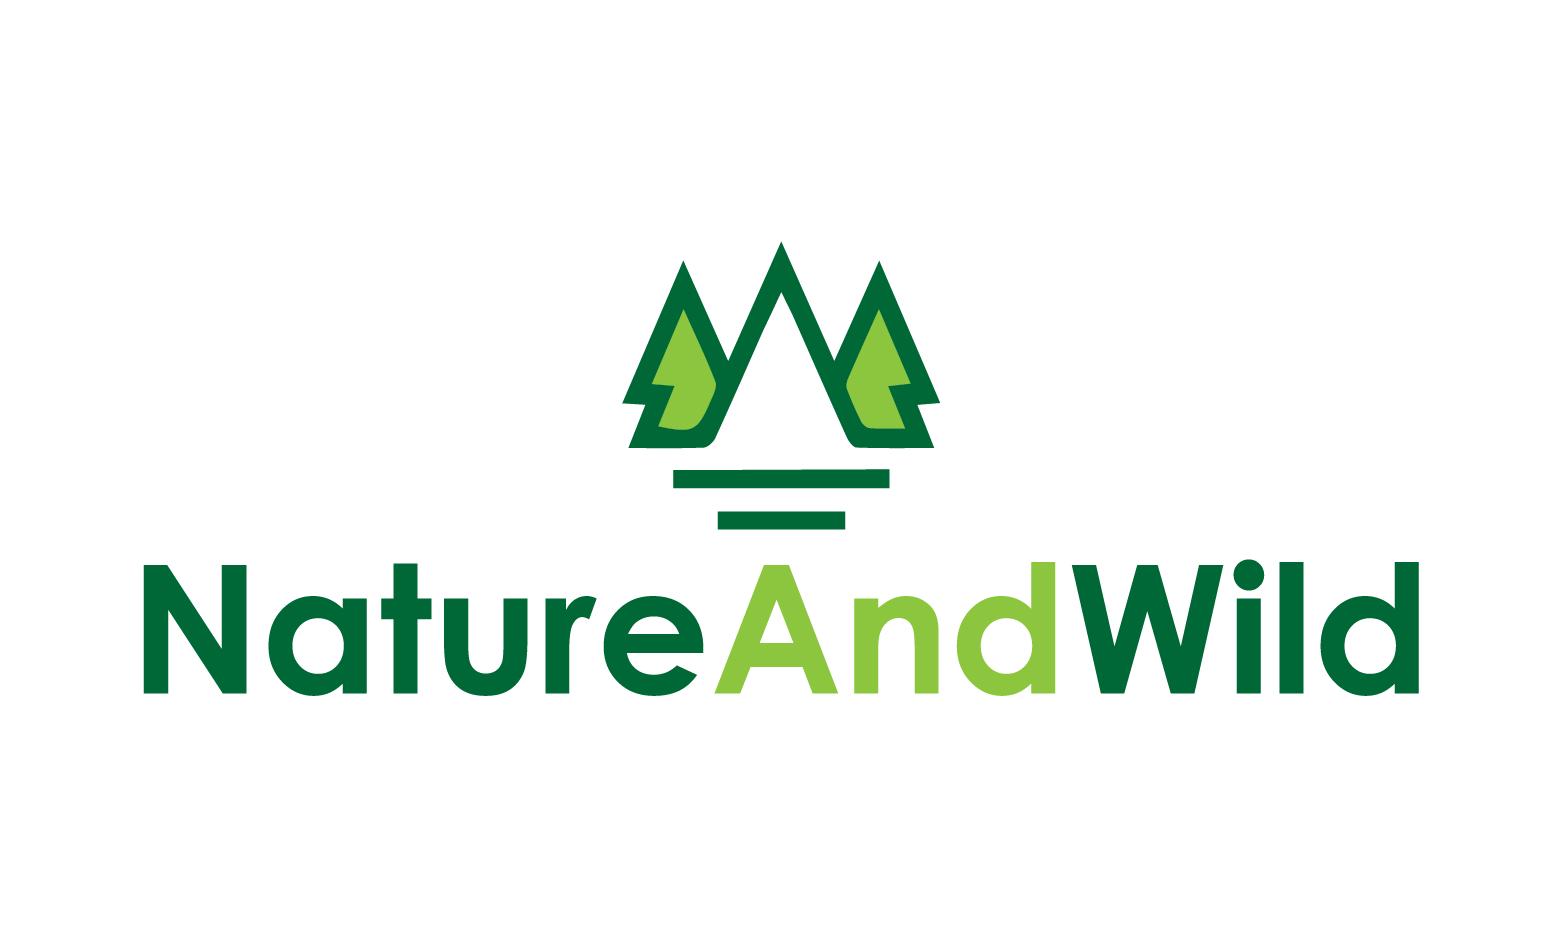 NatureAndWild.com